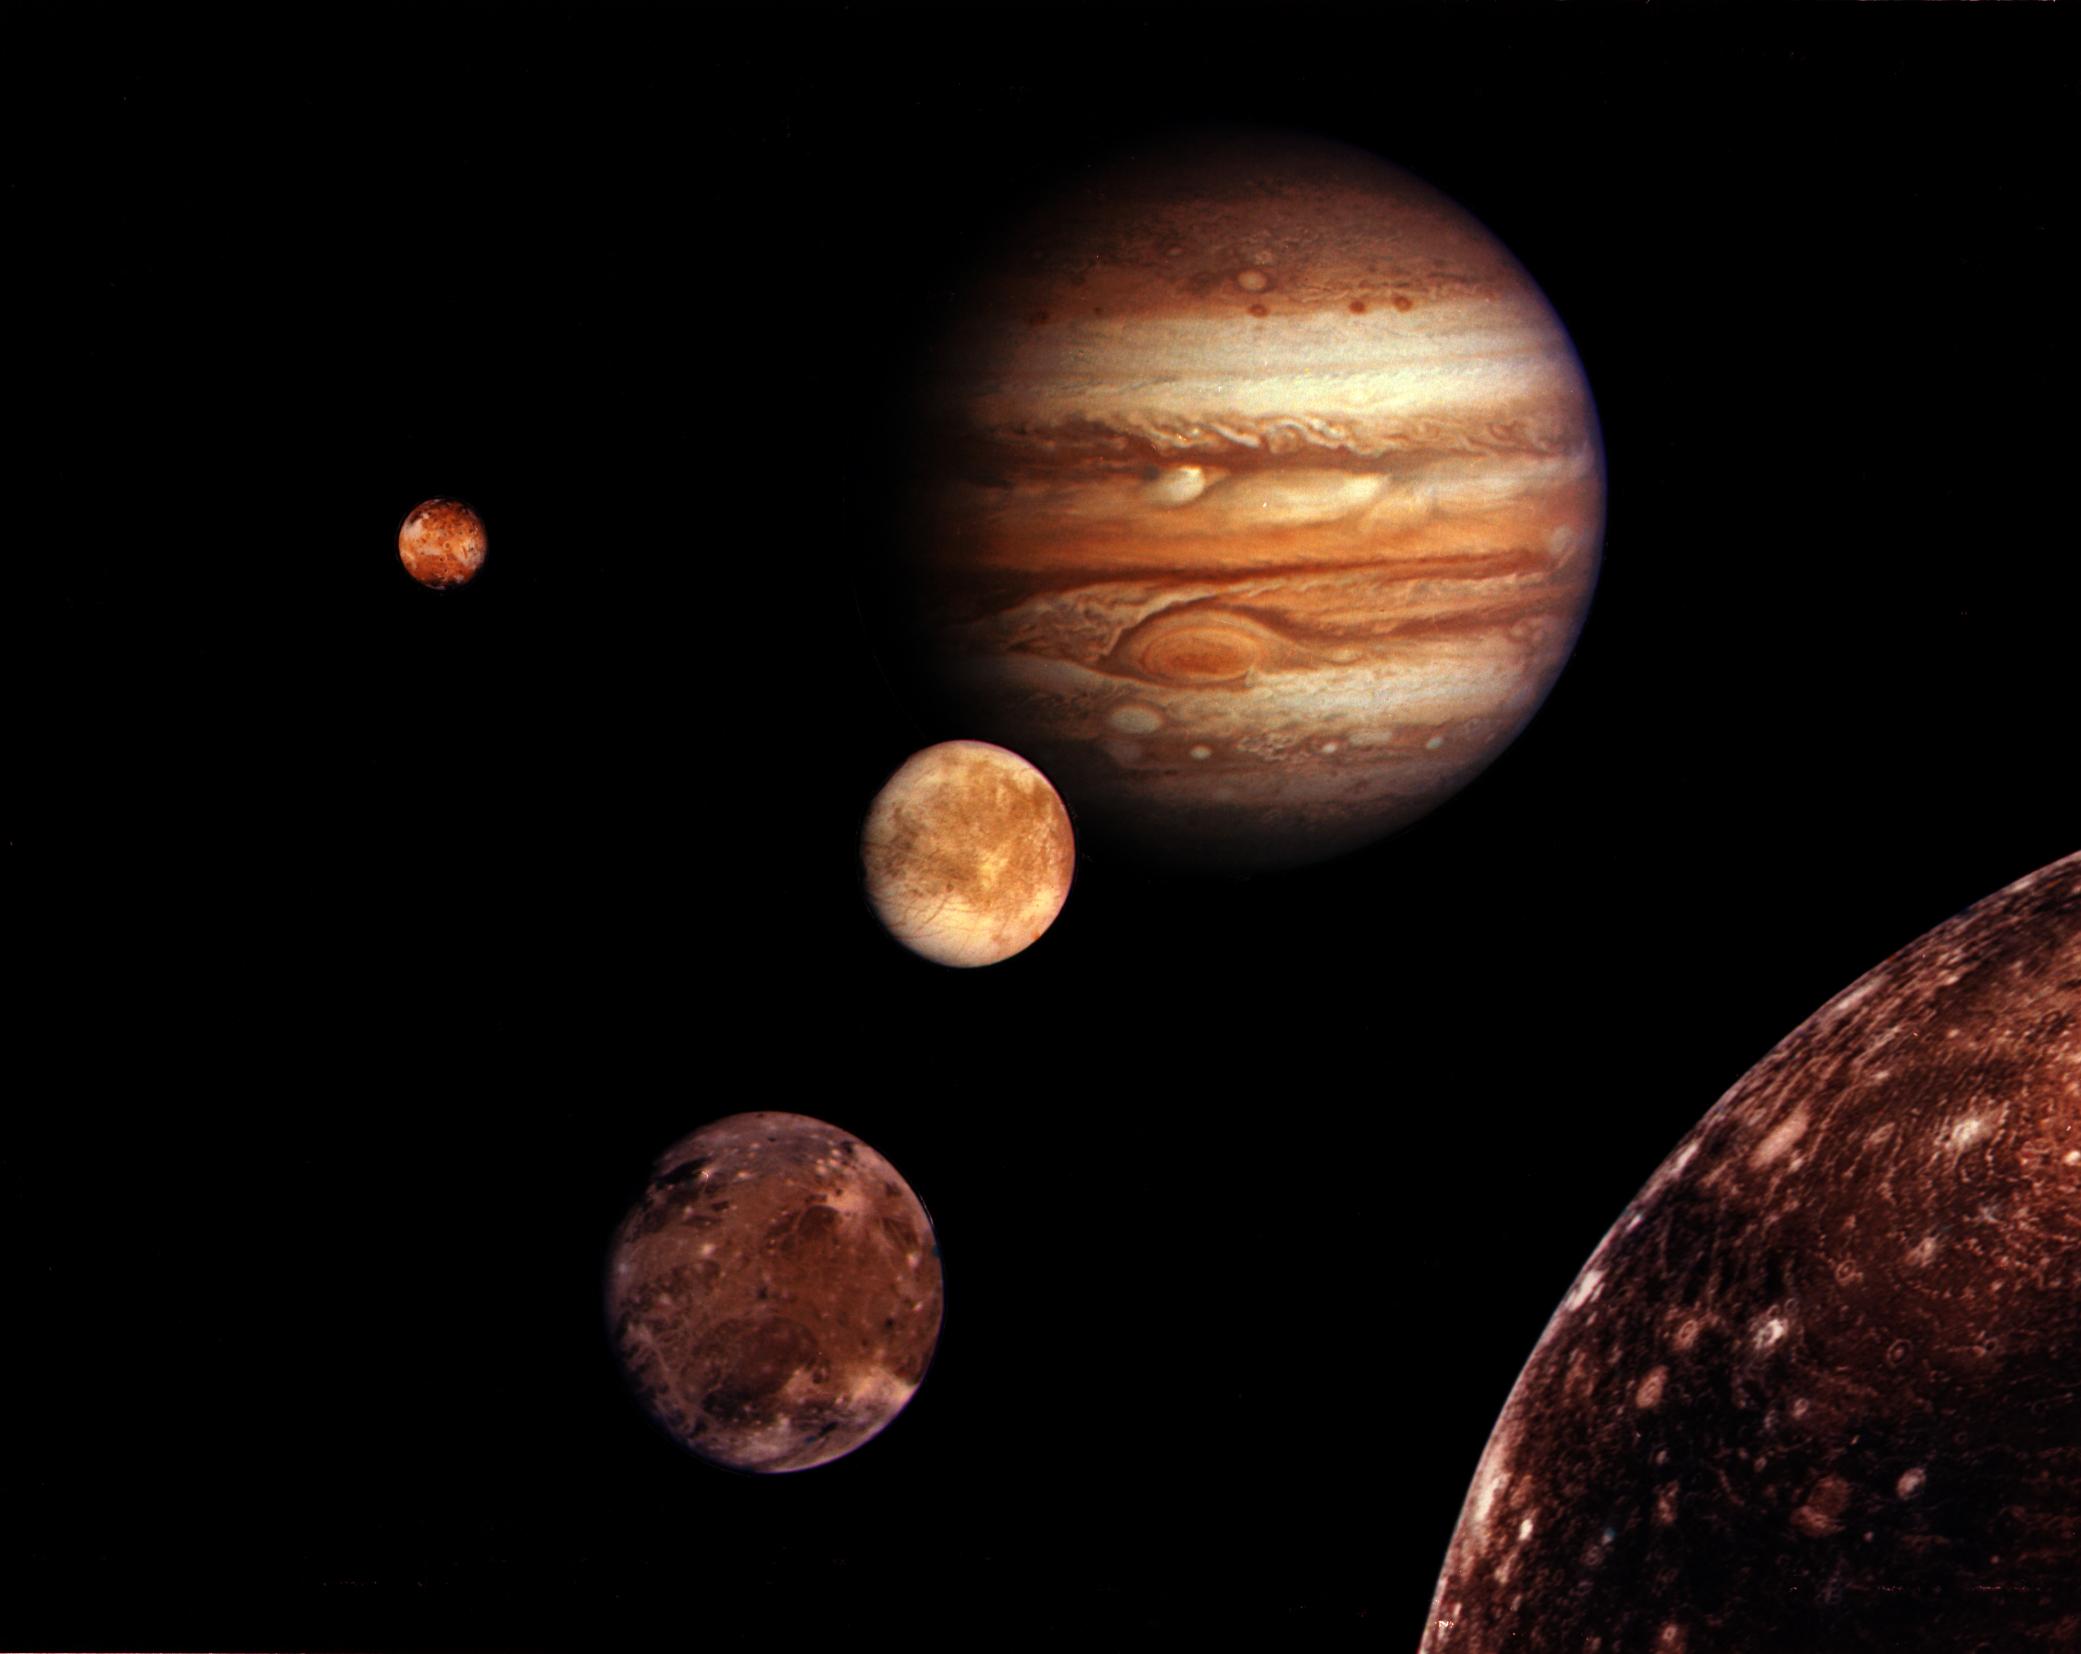 اگر می خواهیدرد پایتان هیچ وقت پاک نشود به ماه بروید/باران طلا در قسمتی از فضا /سیاره ای با بیشترین تعداد ماه